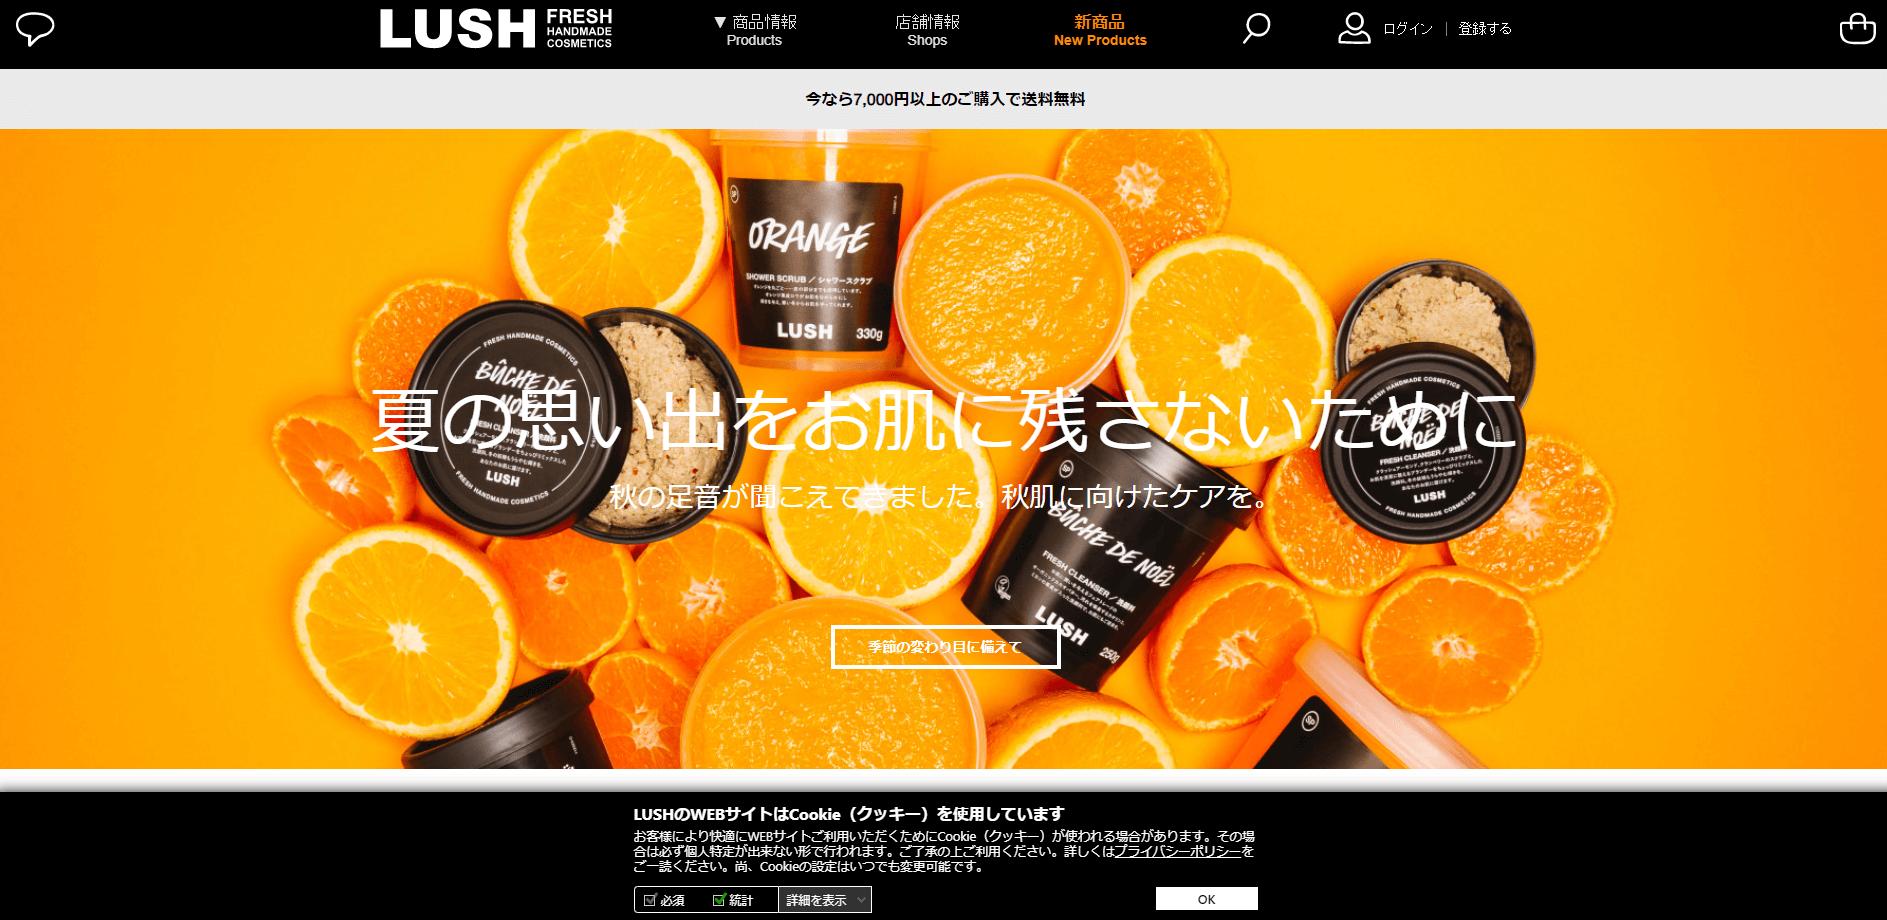 株式会社ラッシュジャパン